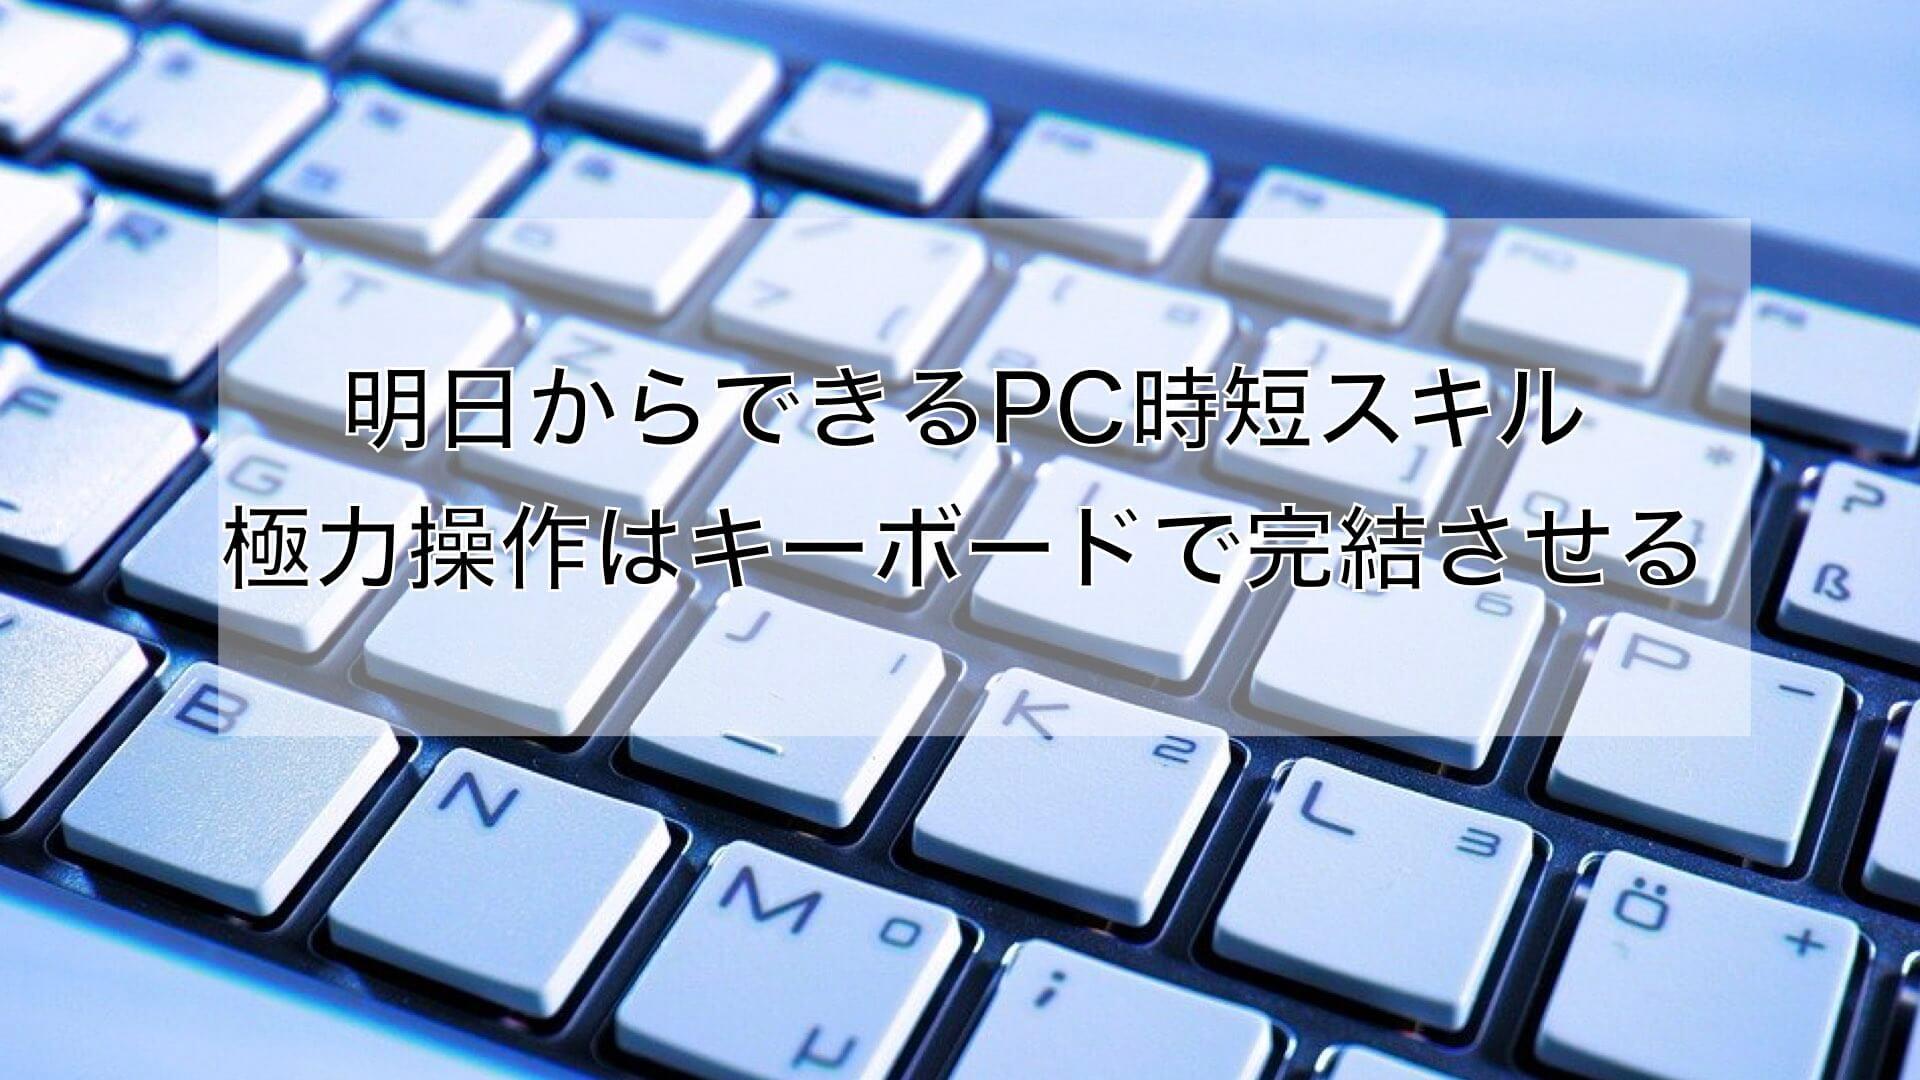 おすすめのPCスキル| 今日から実践したいパソコン操作方法【キーボード編】